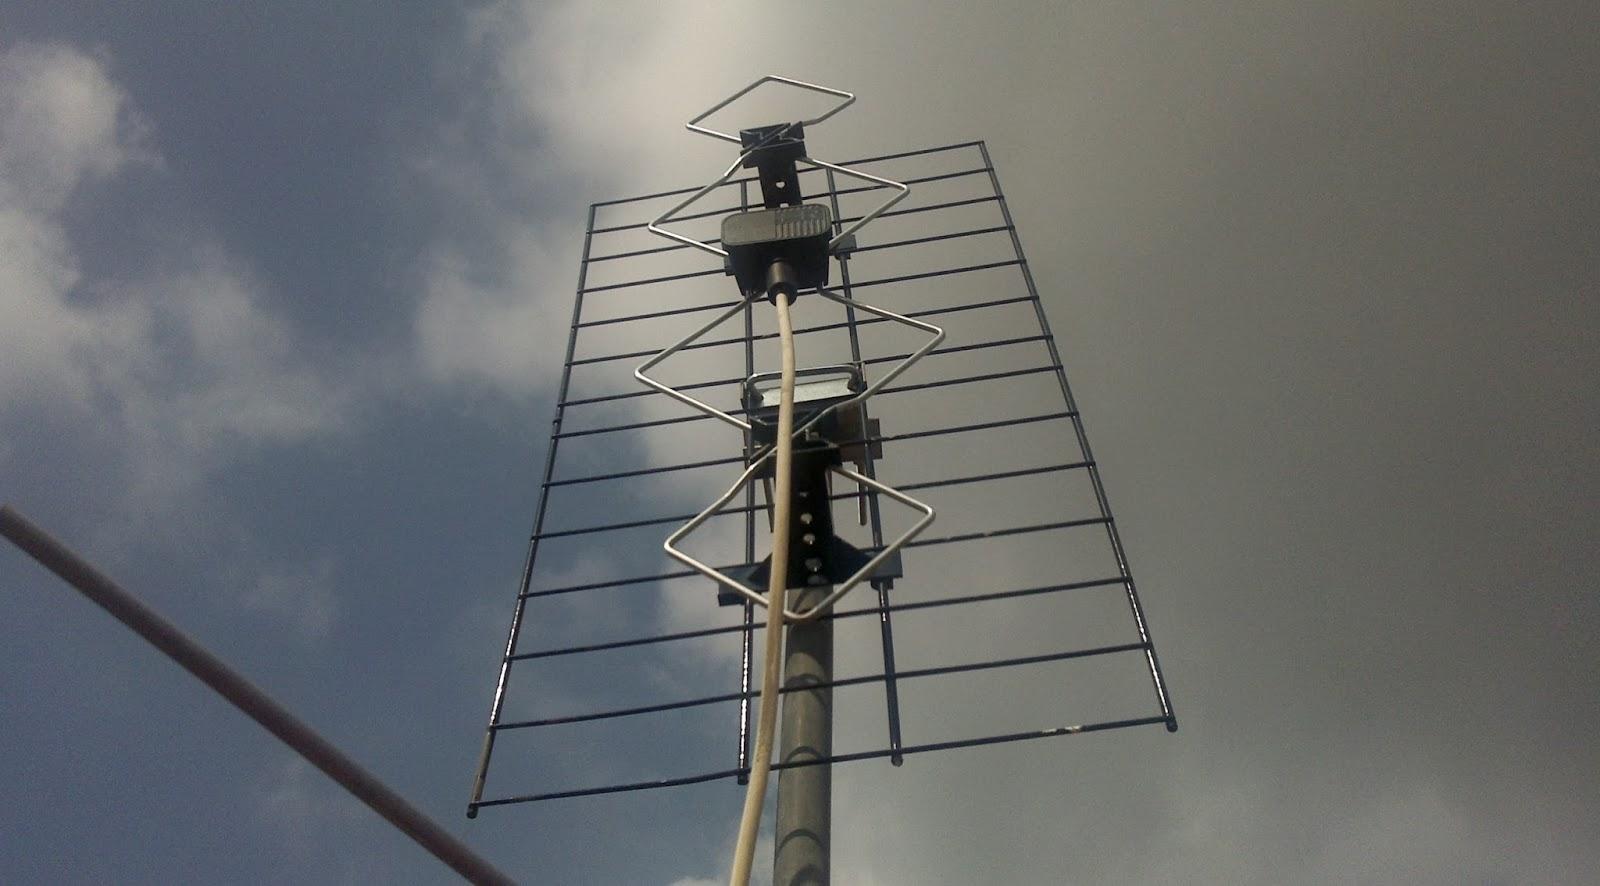 Come orientare antenna tv senza chiamare il tecnico - Cavo antenna tv piatto per porta finestra ...